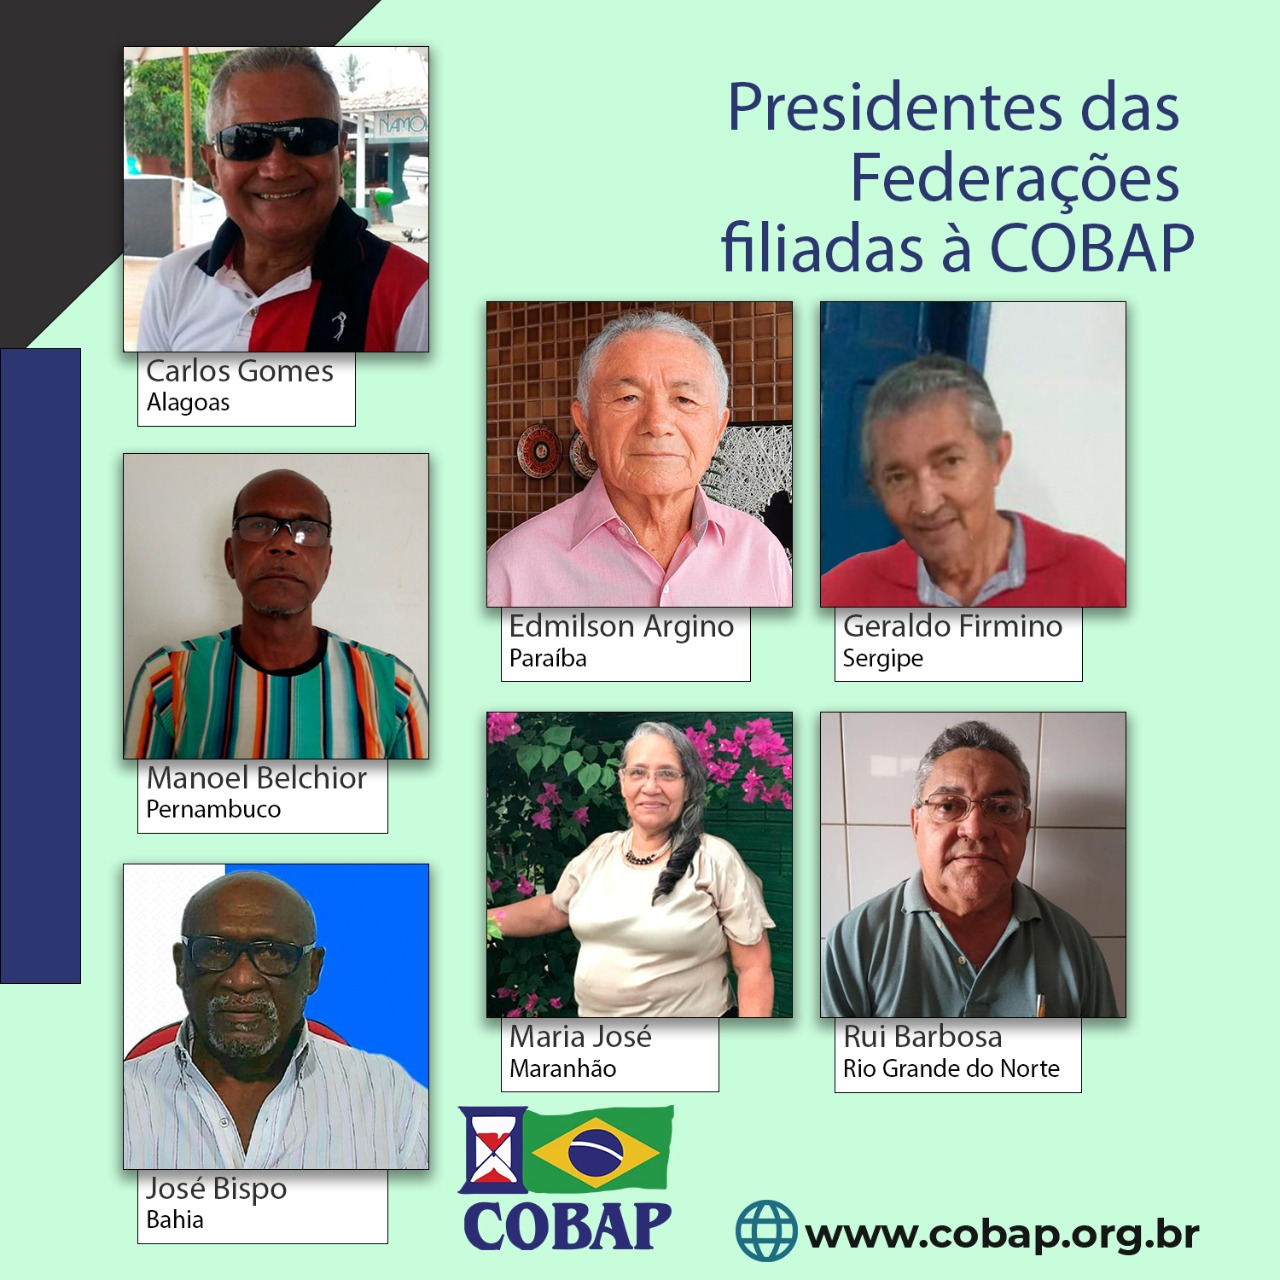 Presidentes das federações pautam principais reivindicações da COBAP